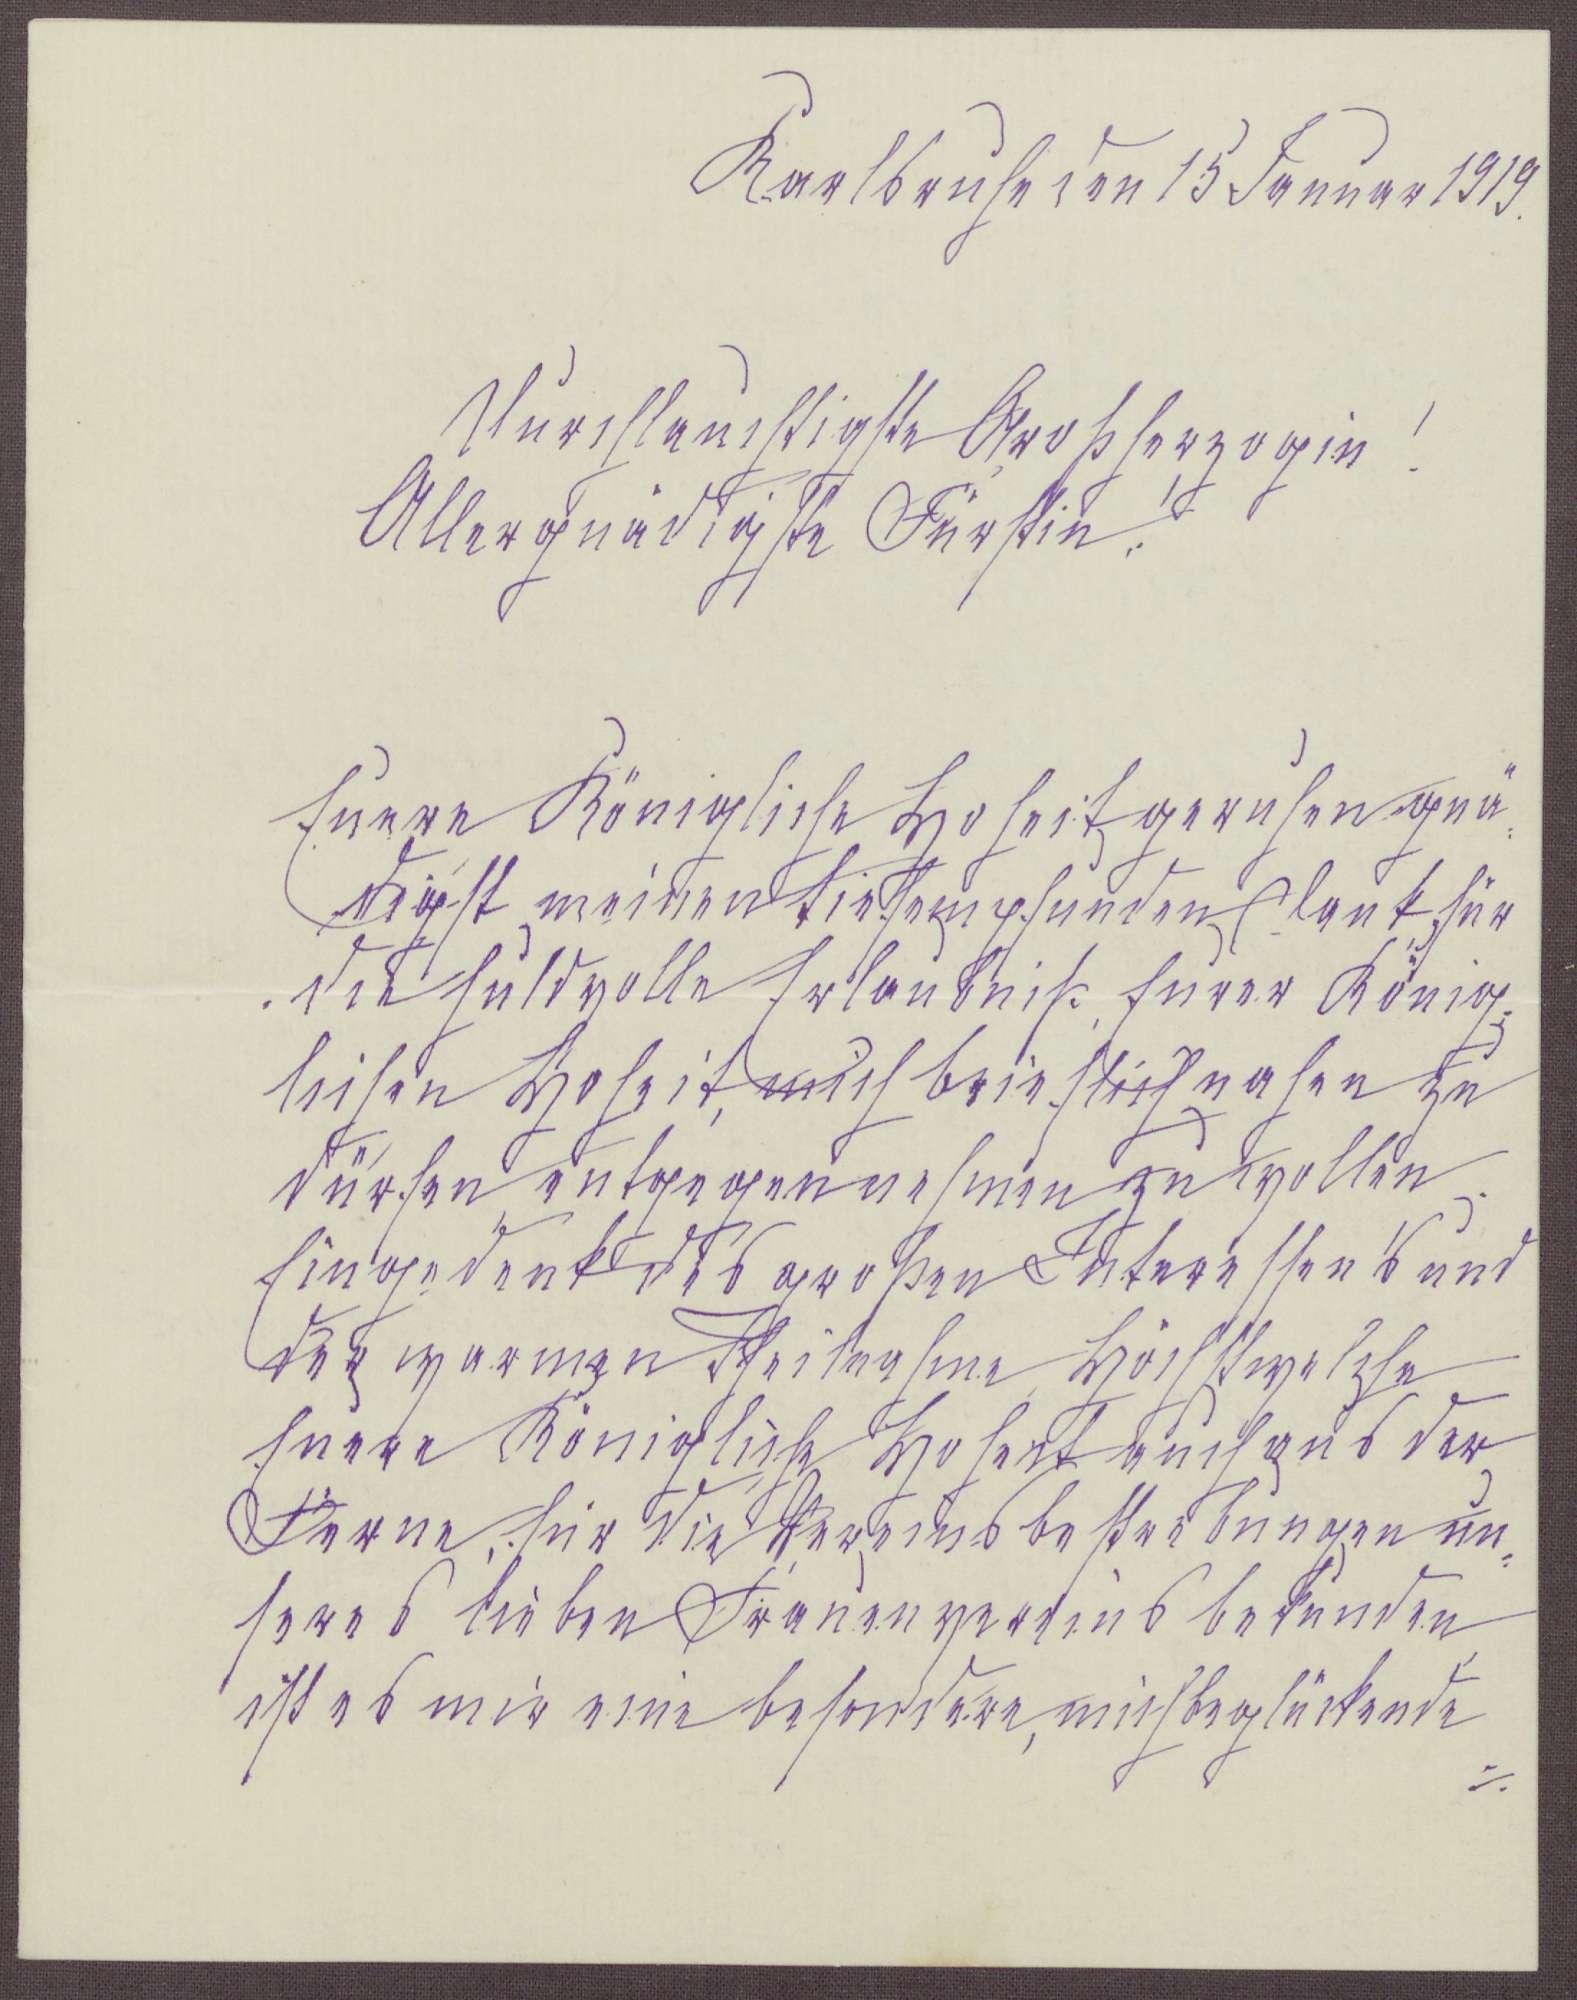 Schreiben von Anna Haas an die Großherzogin Luise; Holz-, Kohle- und Nahrungsmittelspenden und Renovierungsarbeiten in dem Heim, Bild 1